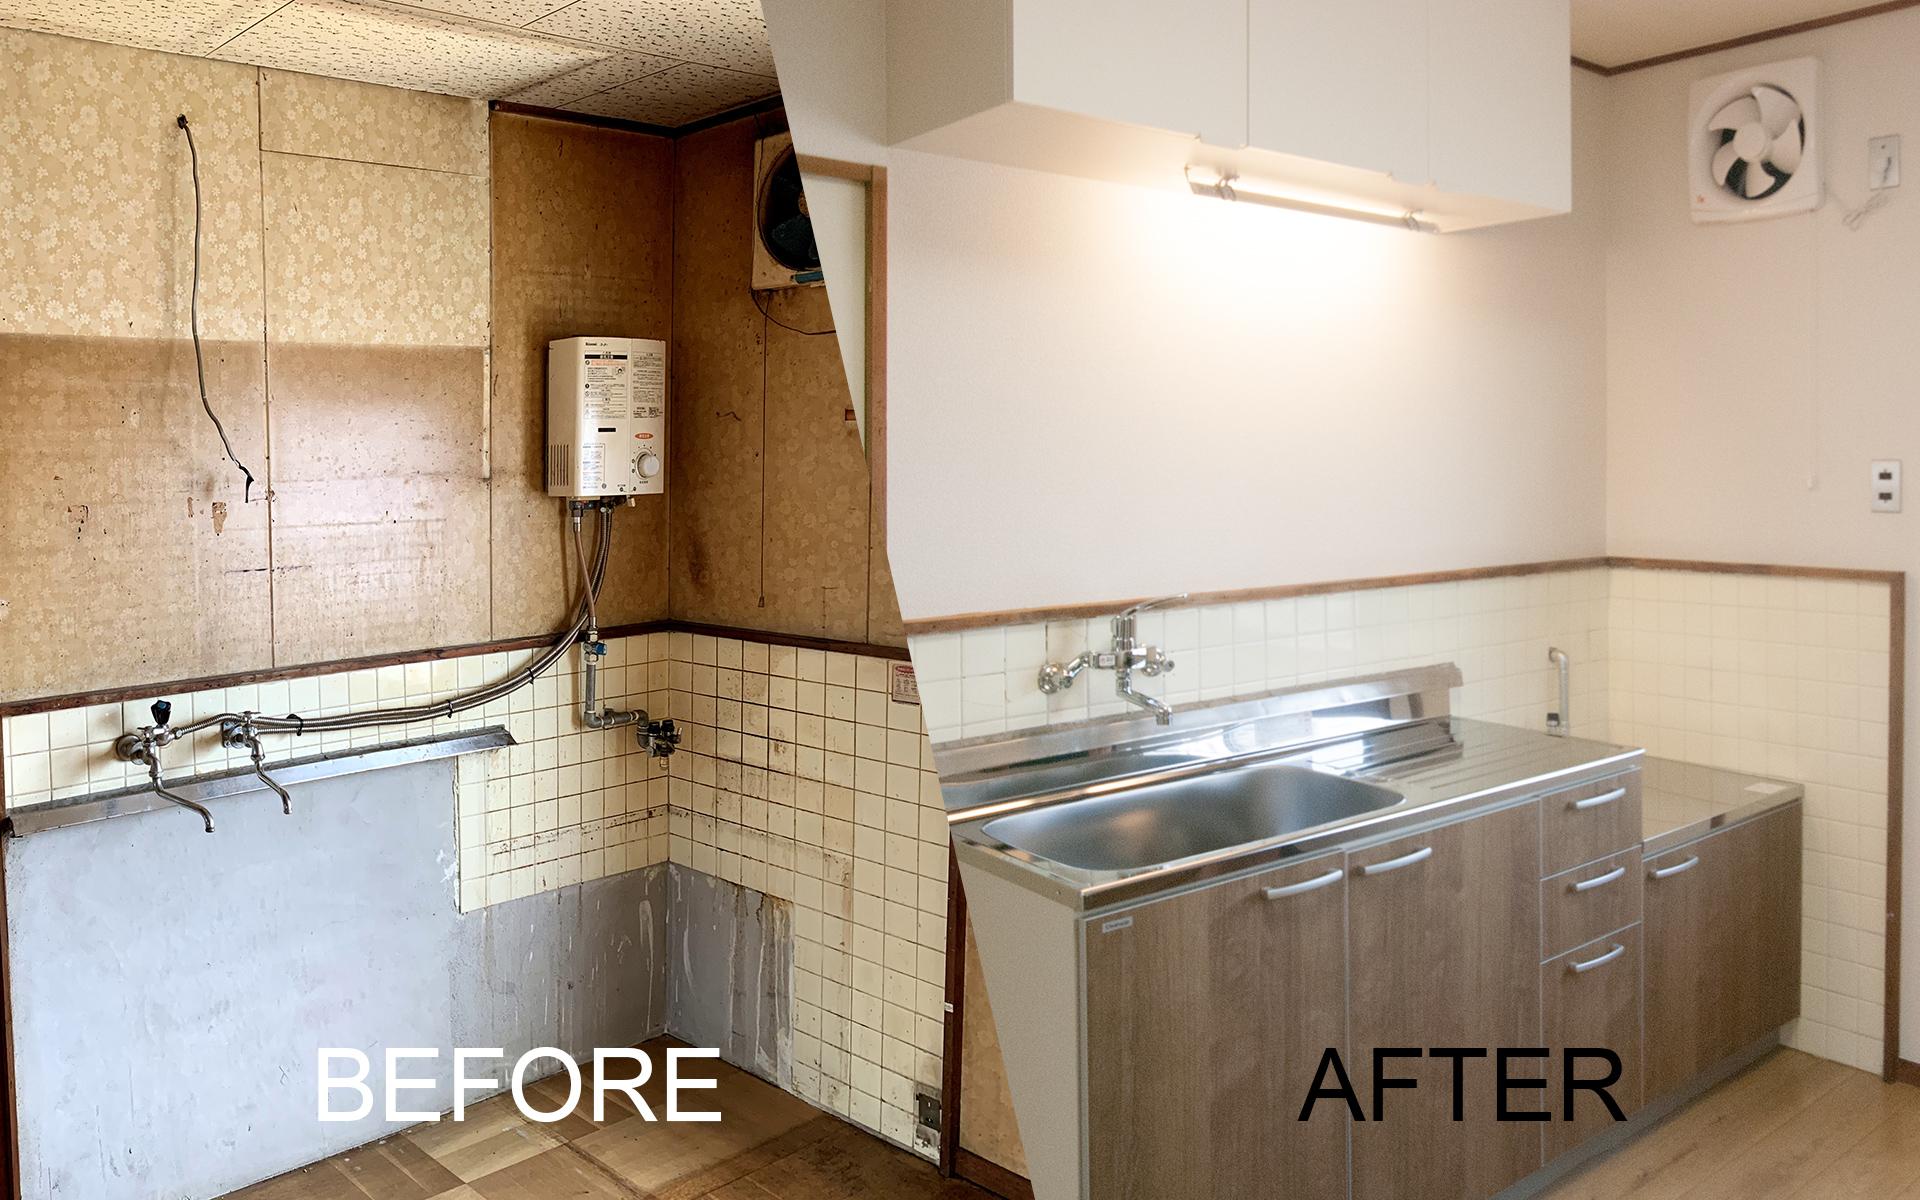 水回りキッチンリフォーム、改修工事 施工前、施工後